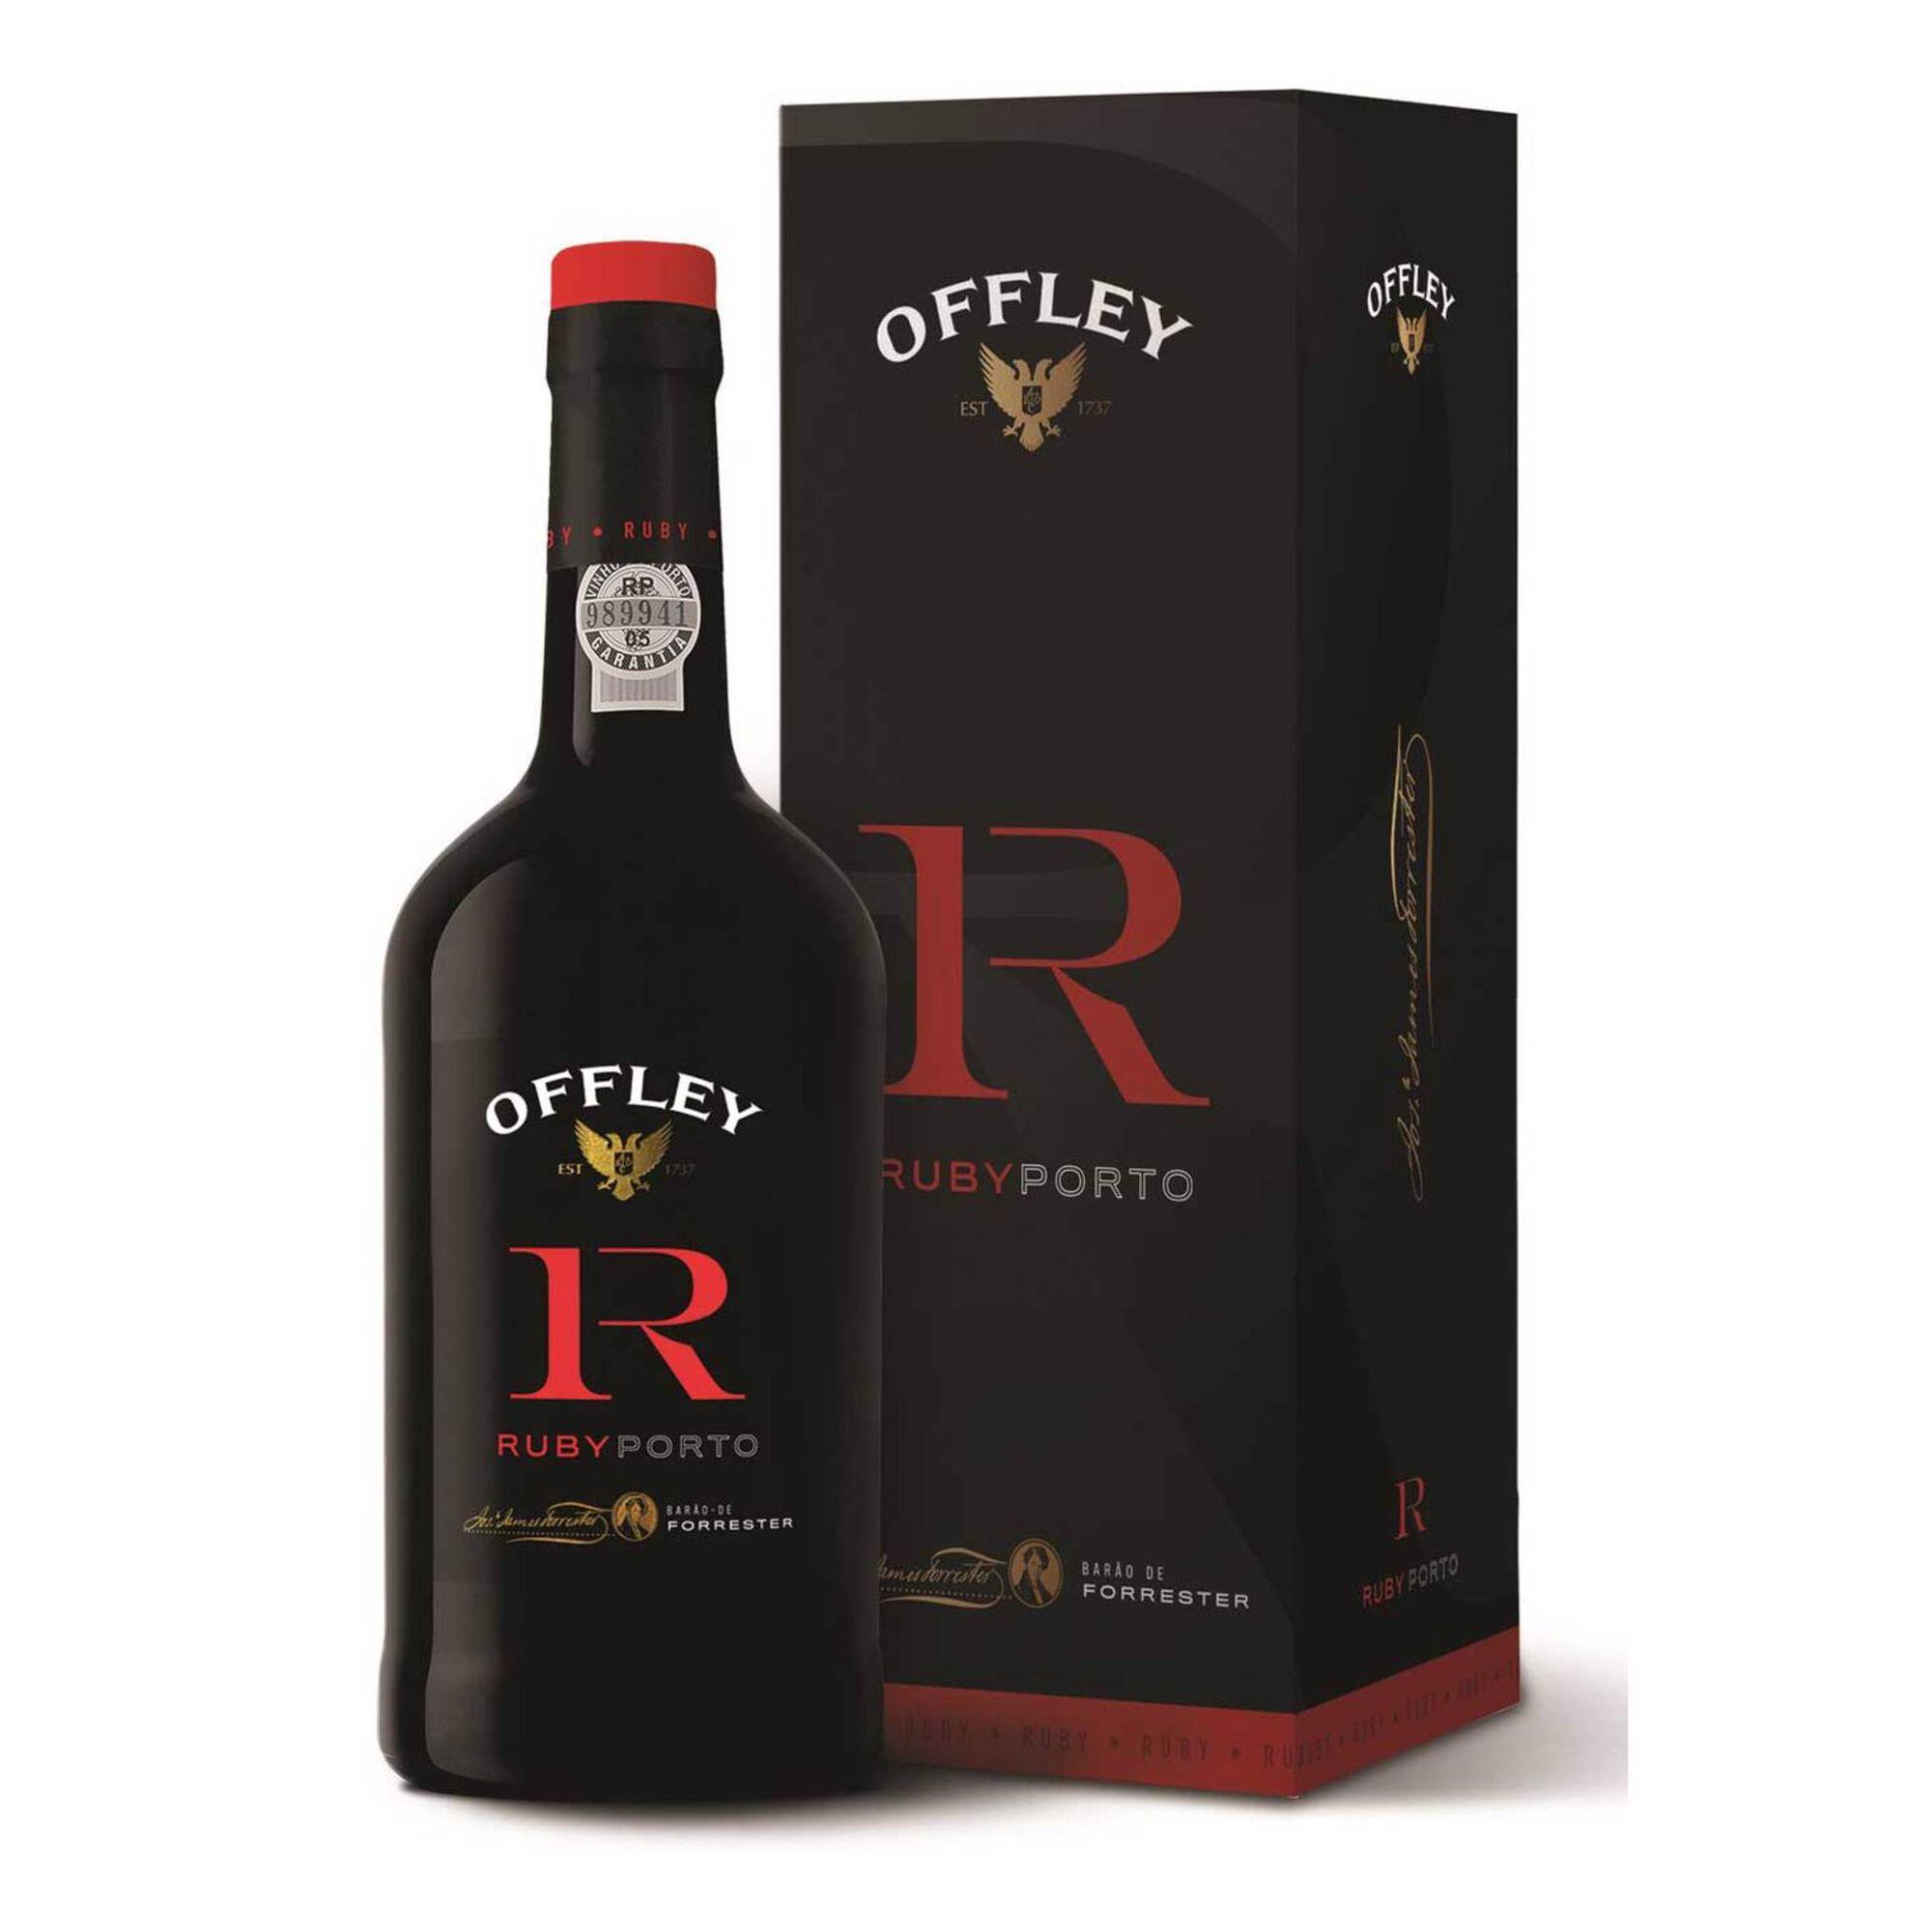 Offley Vinho do Porto Ruby